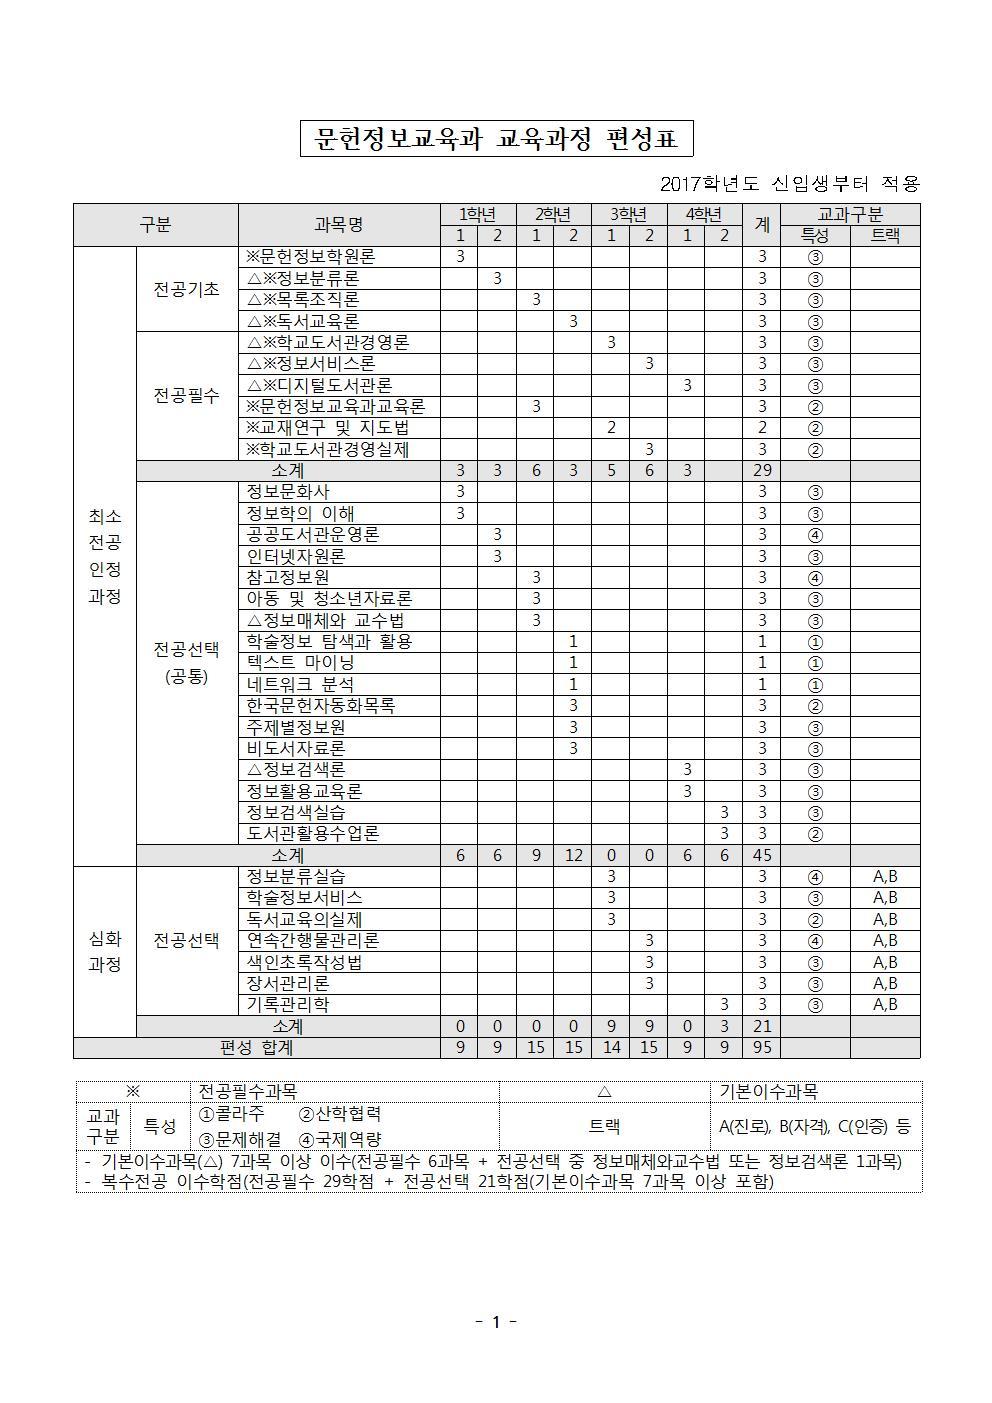 교육과정(2017학번부터)_개정_홈페이지 업로드용001.jpg